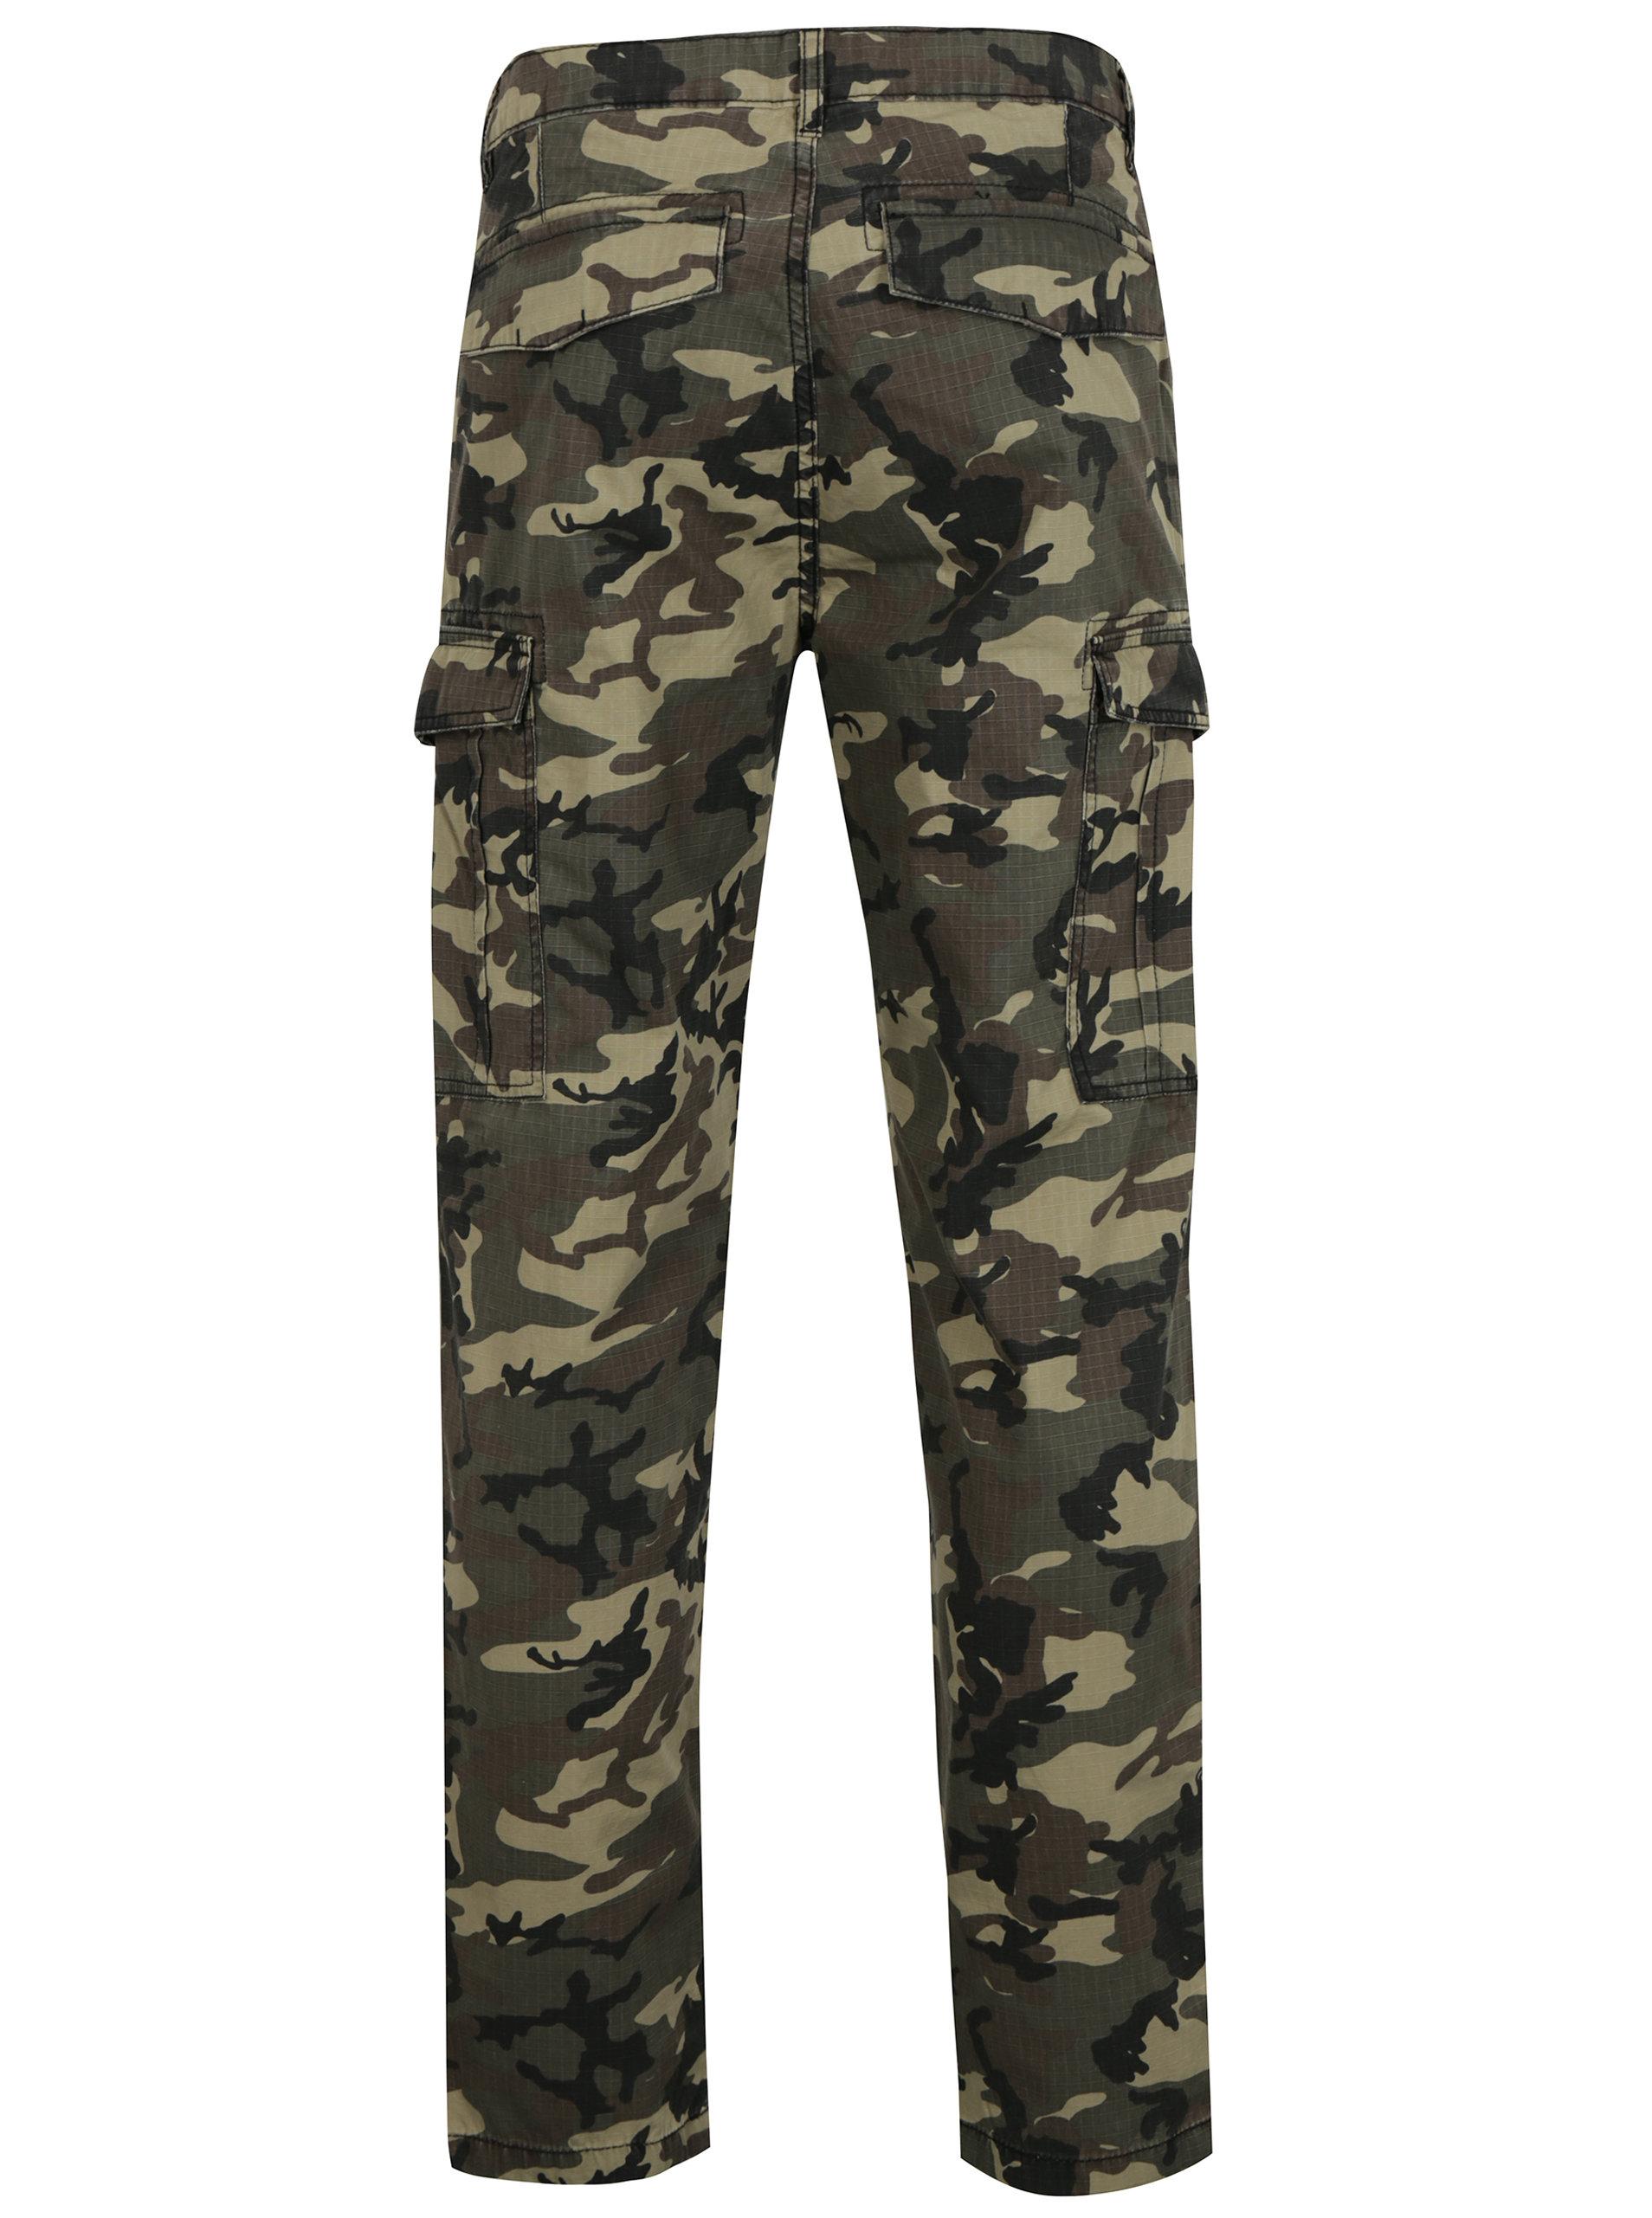 a44f7206fe7 Zelené maskáčové kalhoty s kapsami Shine Original Zelené maskáčové kalhoty  s kapsami Shine Original ...